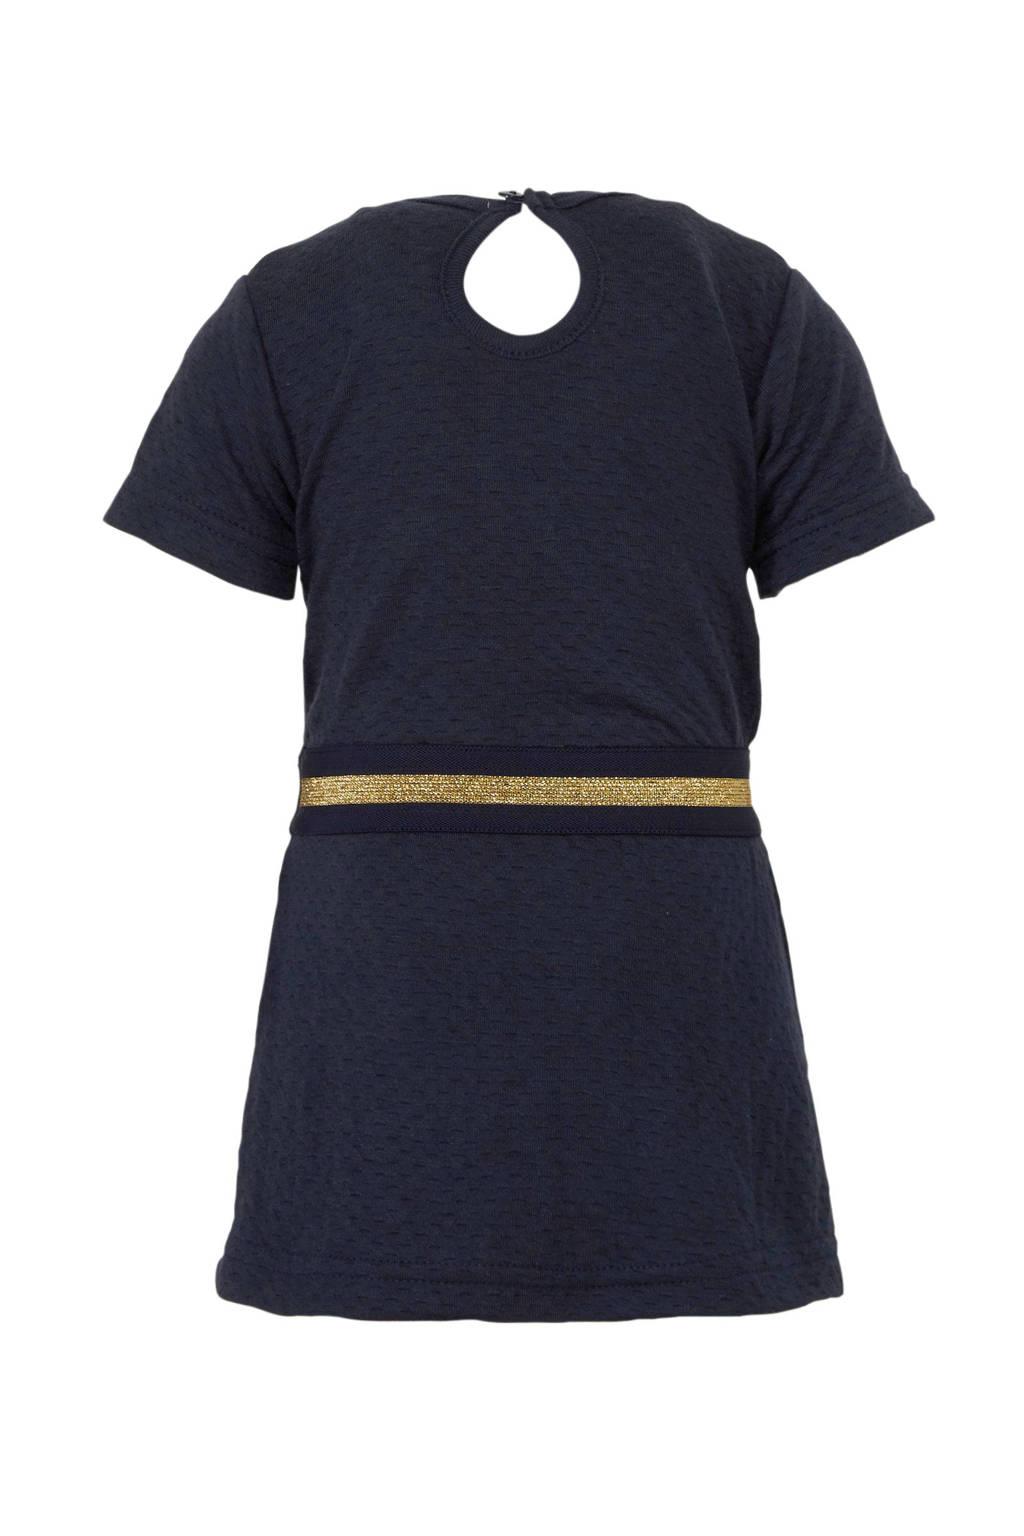 Dirkje jersey jurk met borduursels marine/goud, Marine/goud